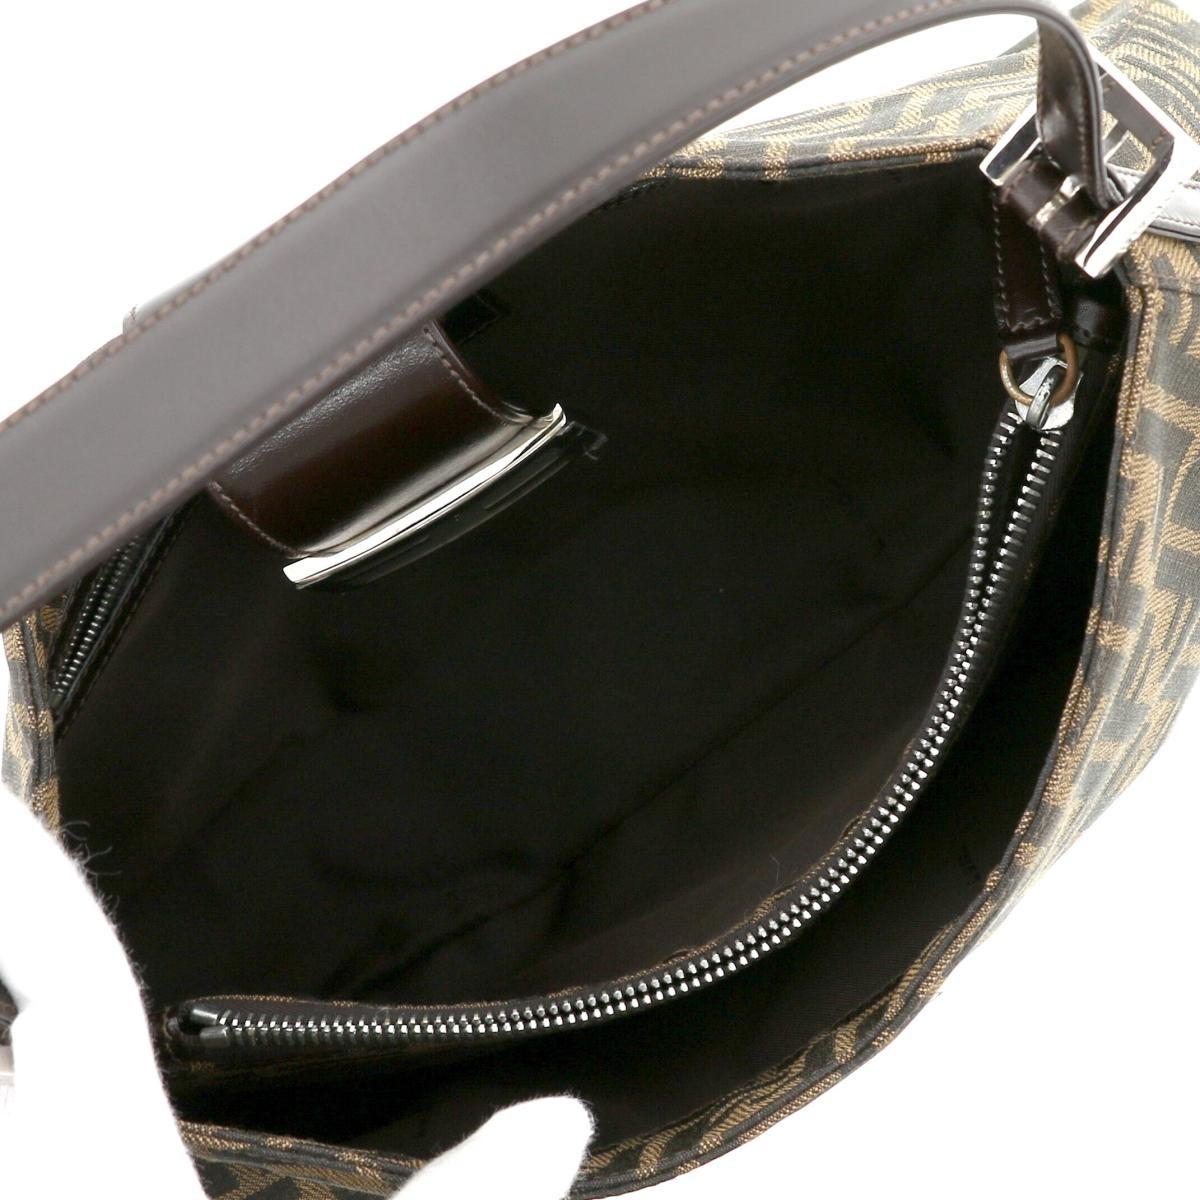 【美品】【セール中】フェンディ ヴィンテージ ズッカ ショルダーバッグ ブラウン FENDI Vintage Zucca Shoulder Bag Brown